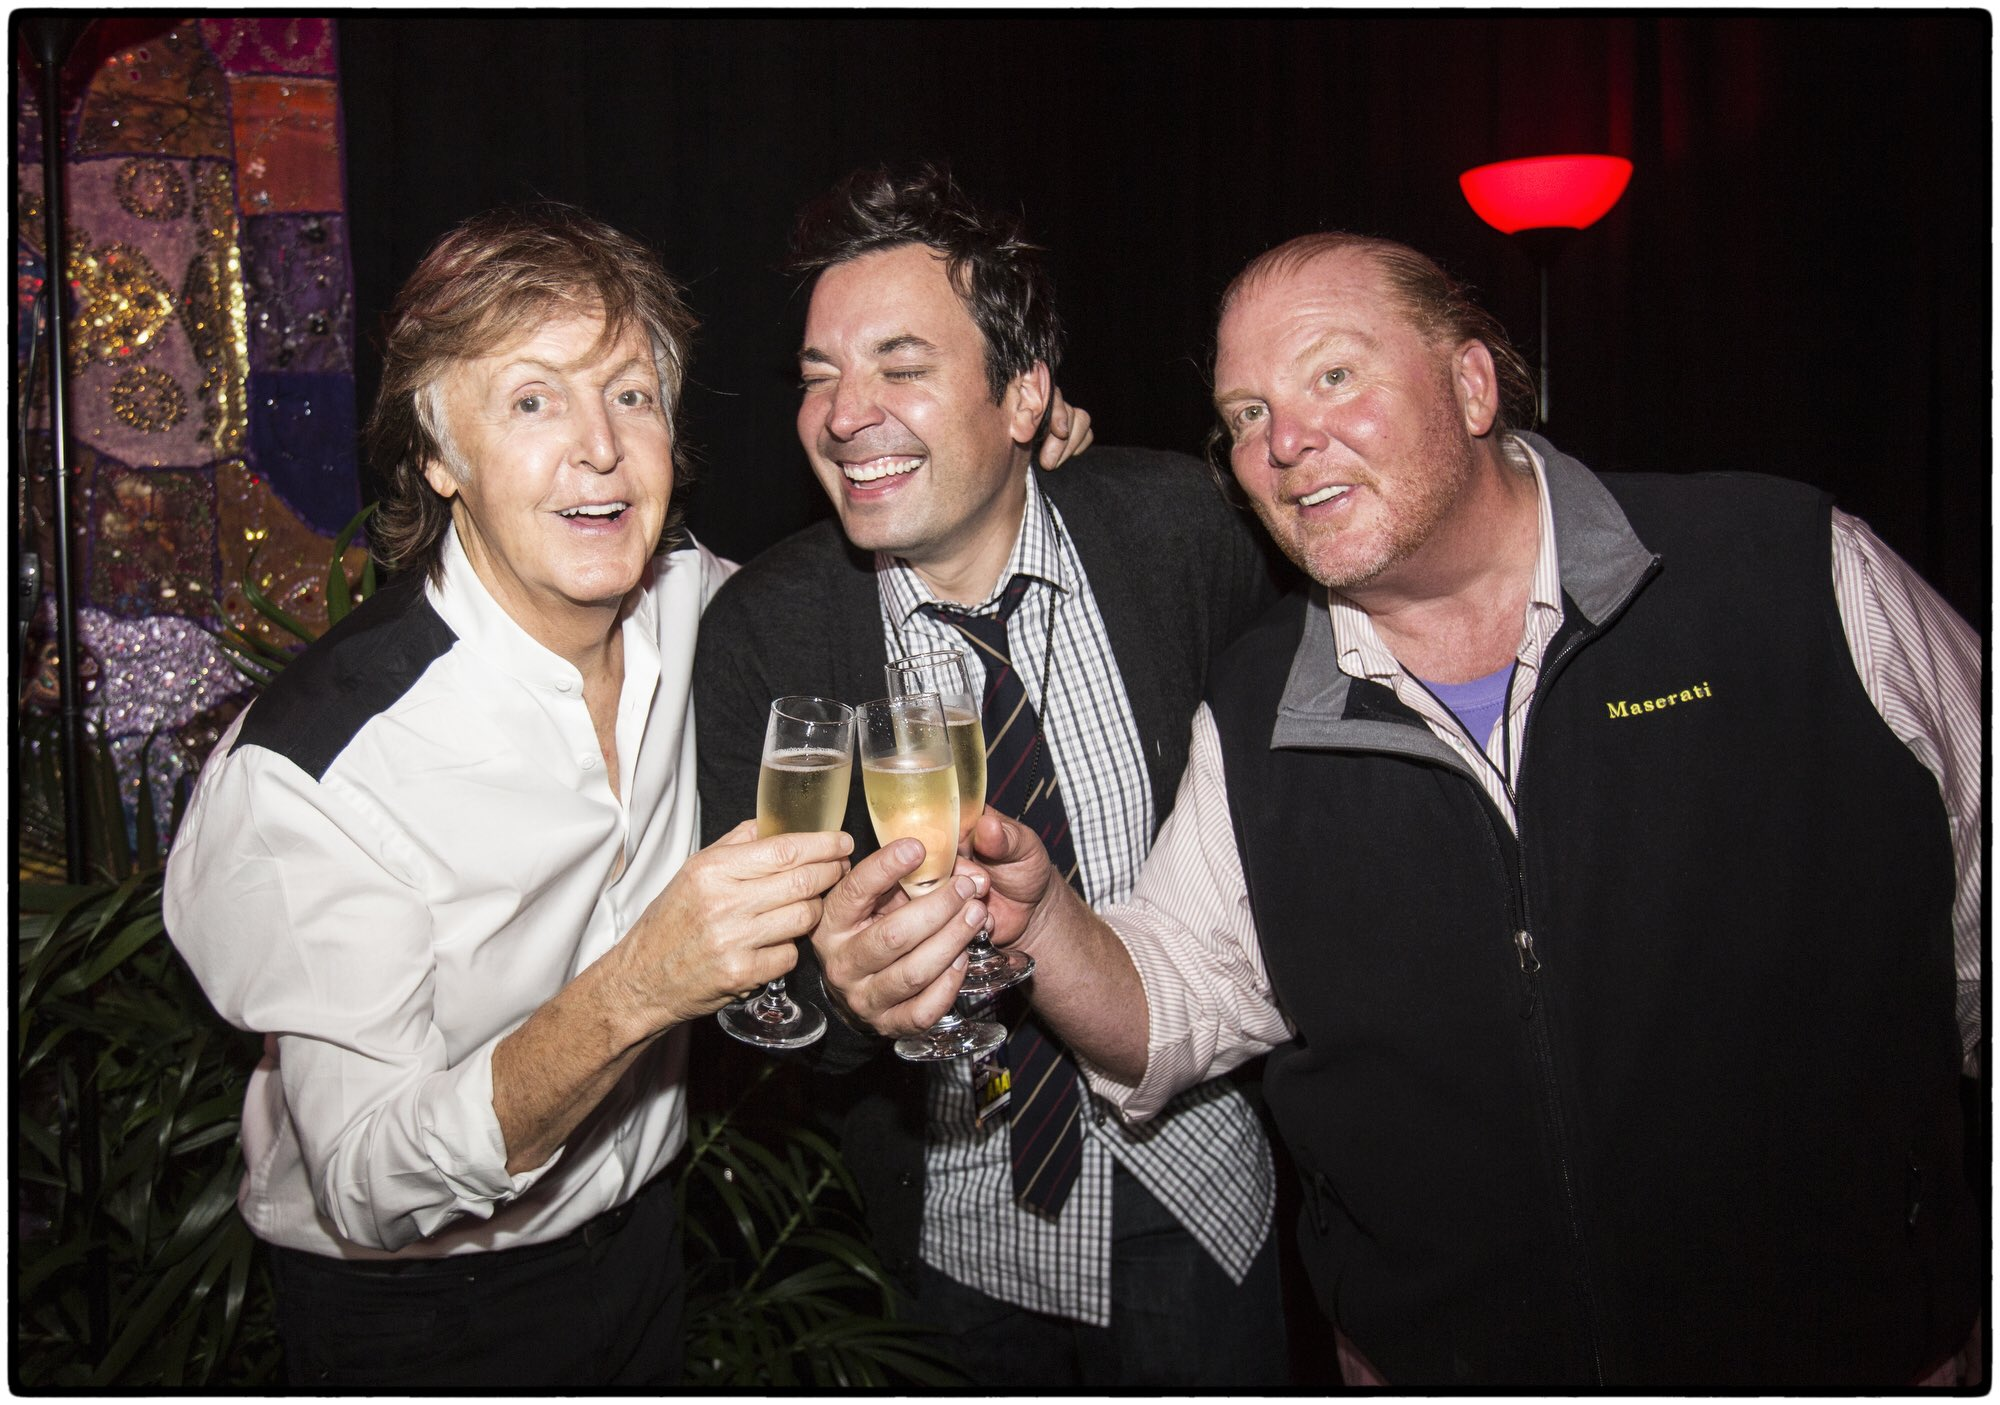 The Beatles Polska: Paul McCartney przygotował niespodziankę dla Jimmy